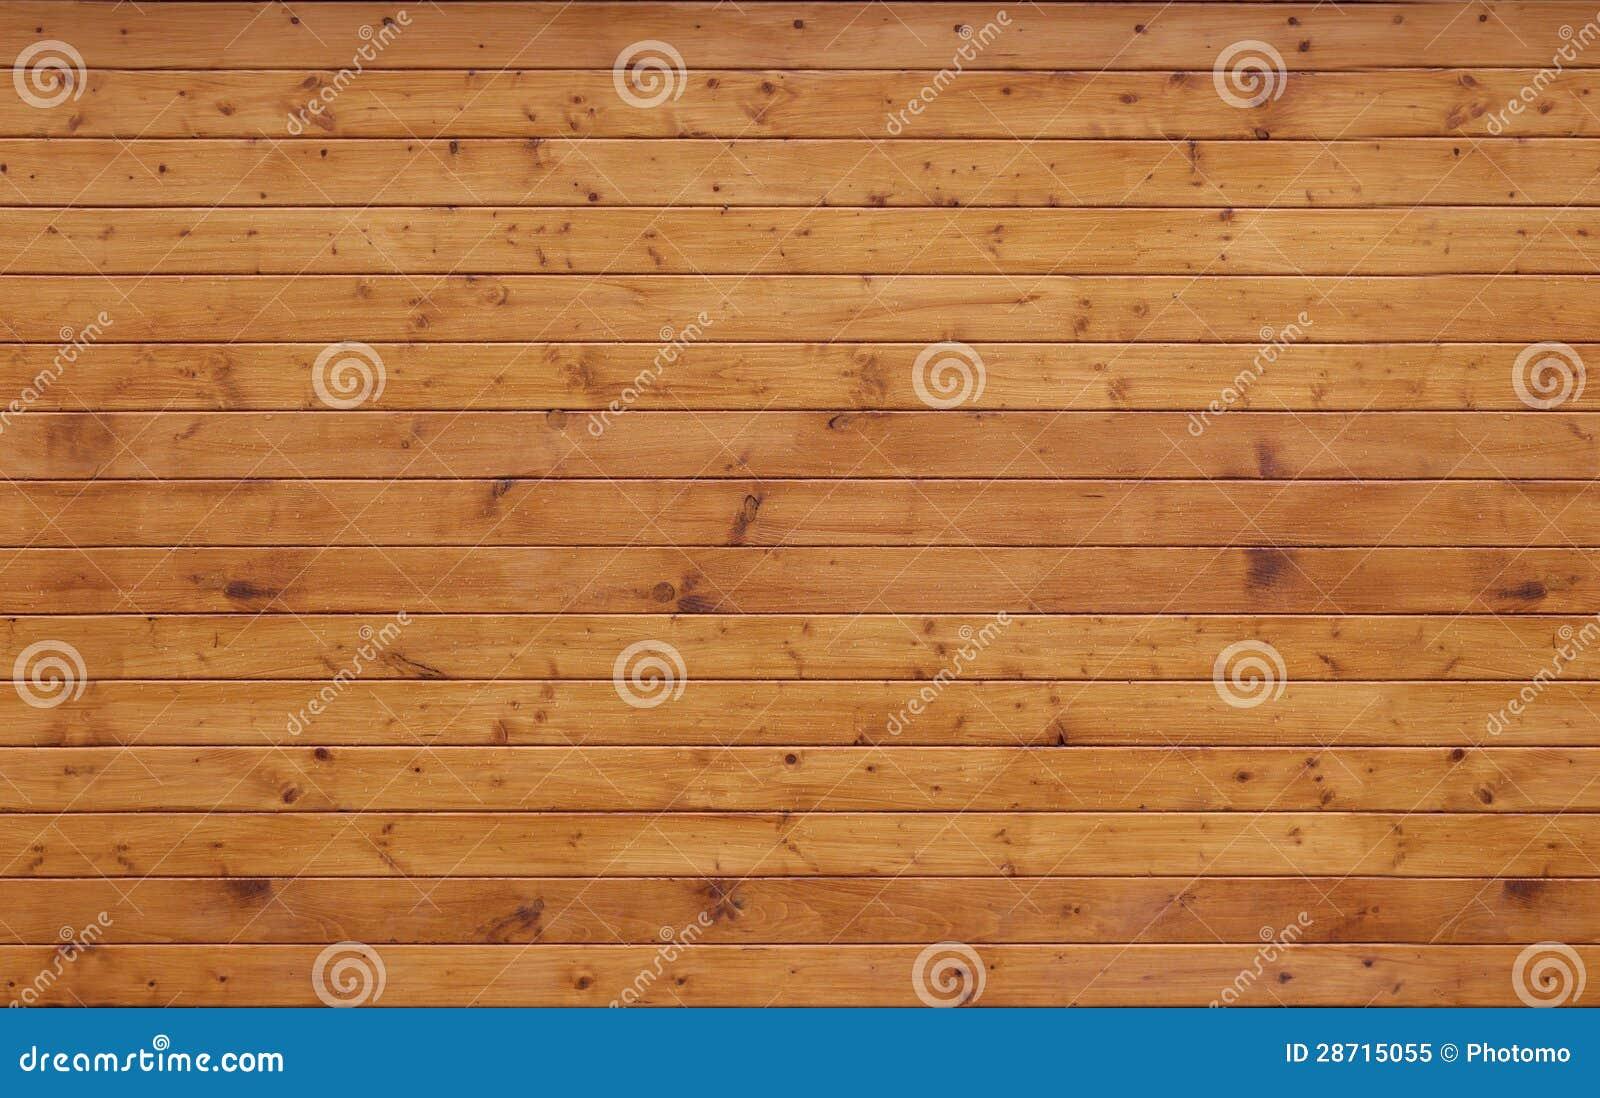 HQ влажной деревянной текстуры tilable